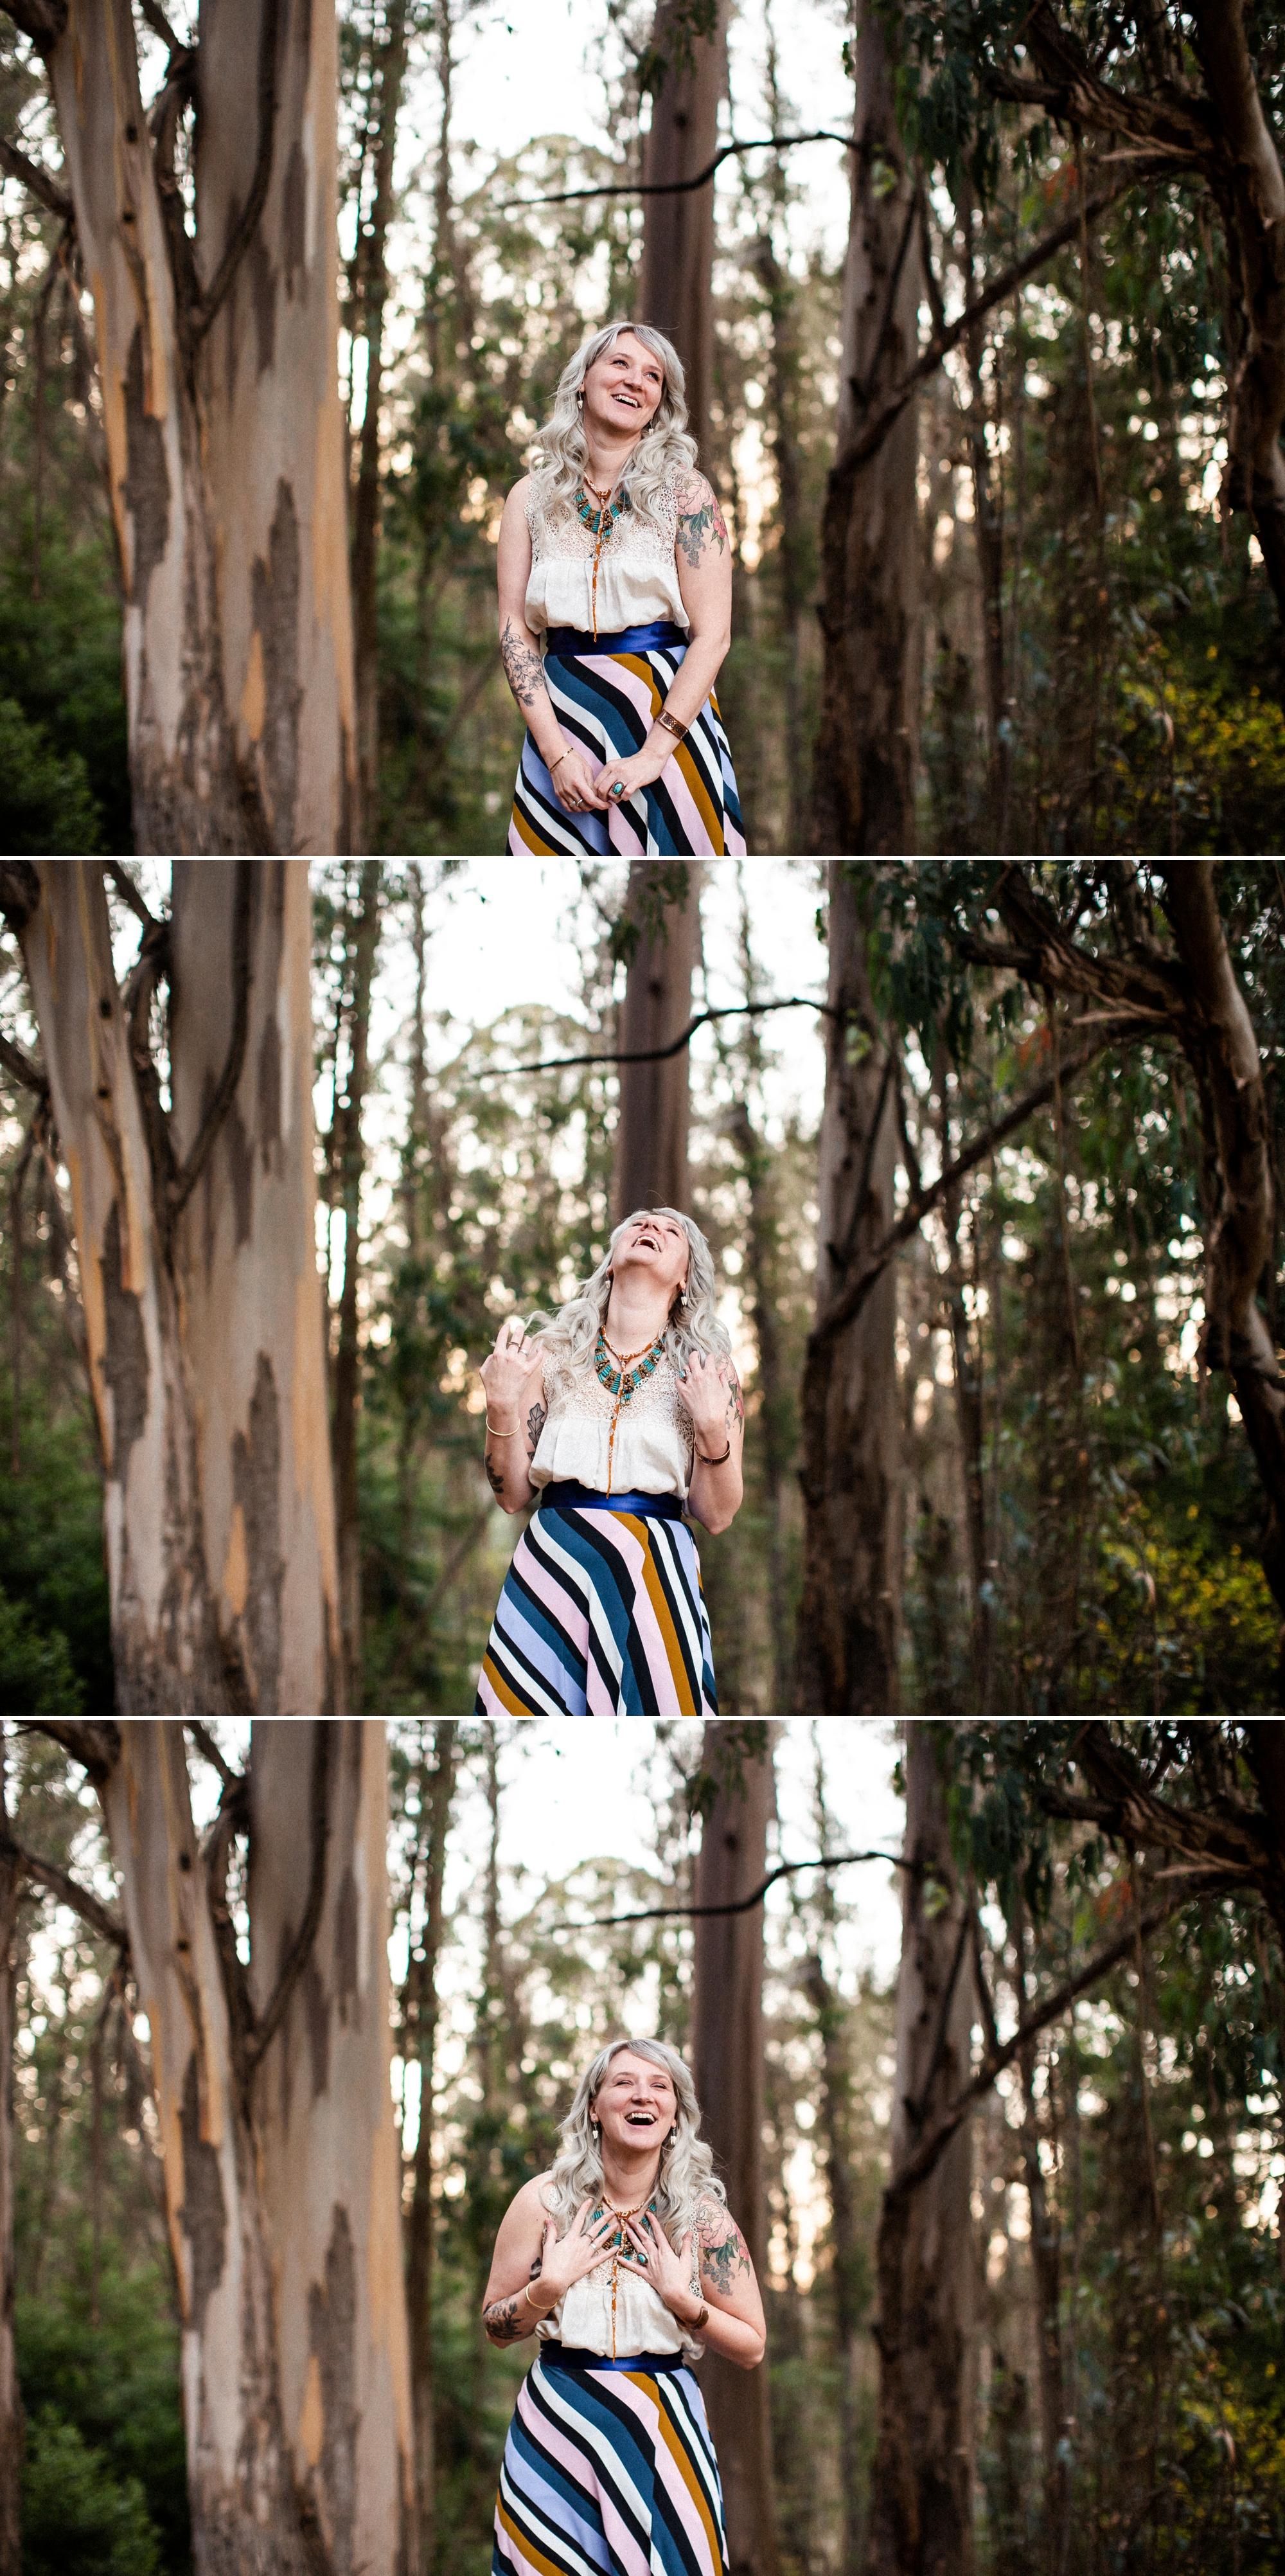 tilden park portrait 10.jpg